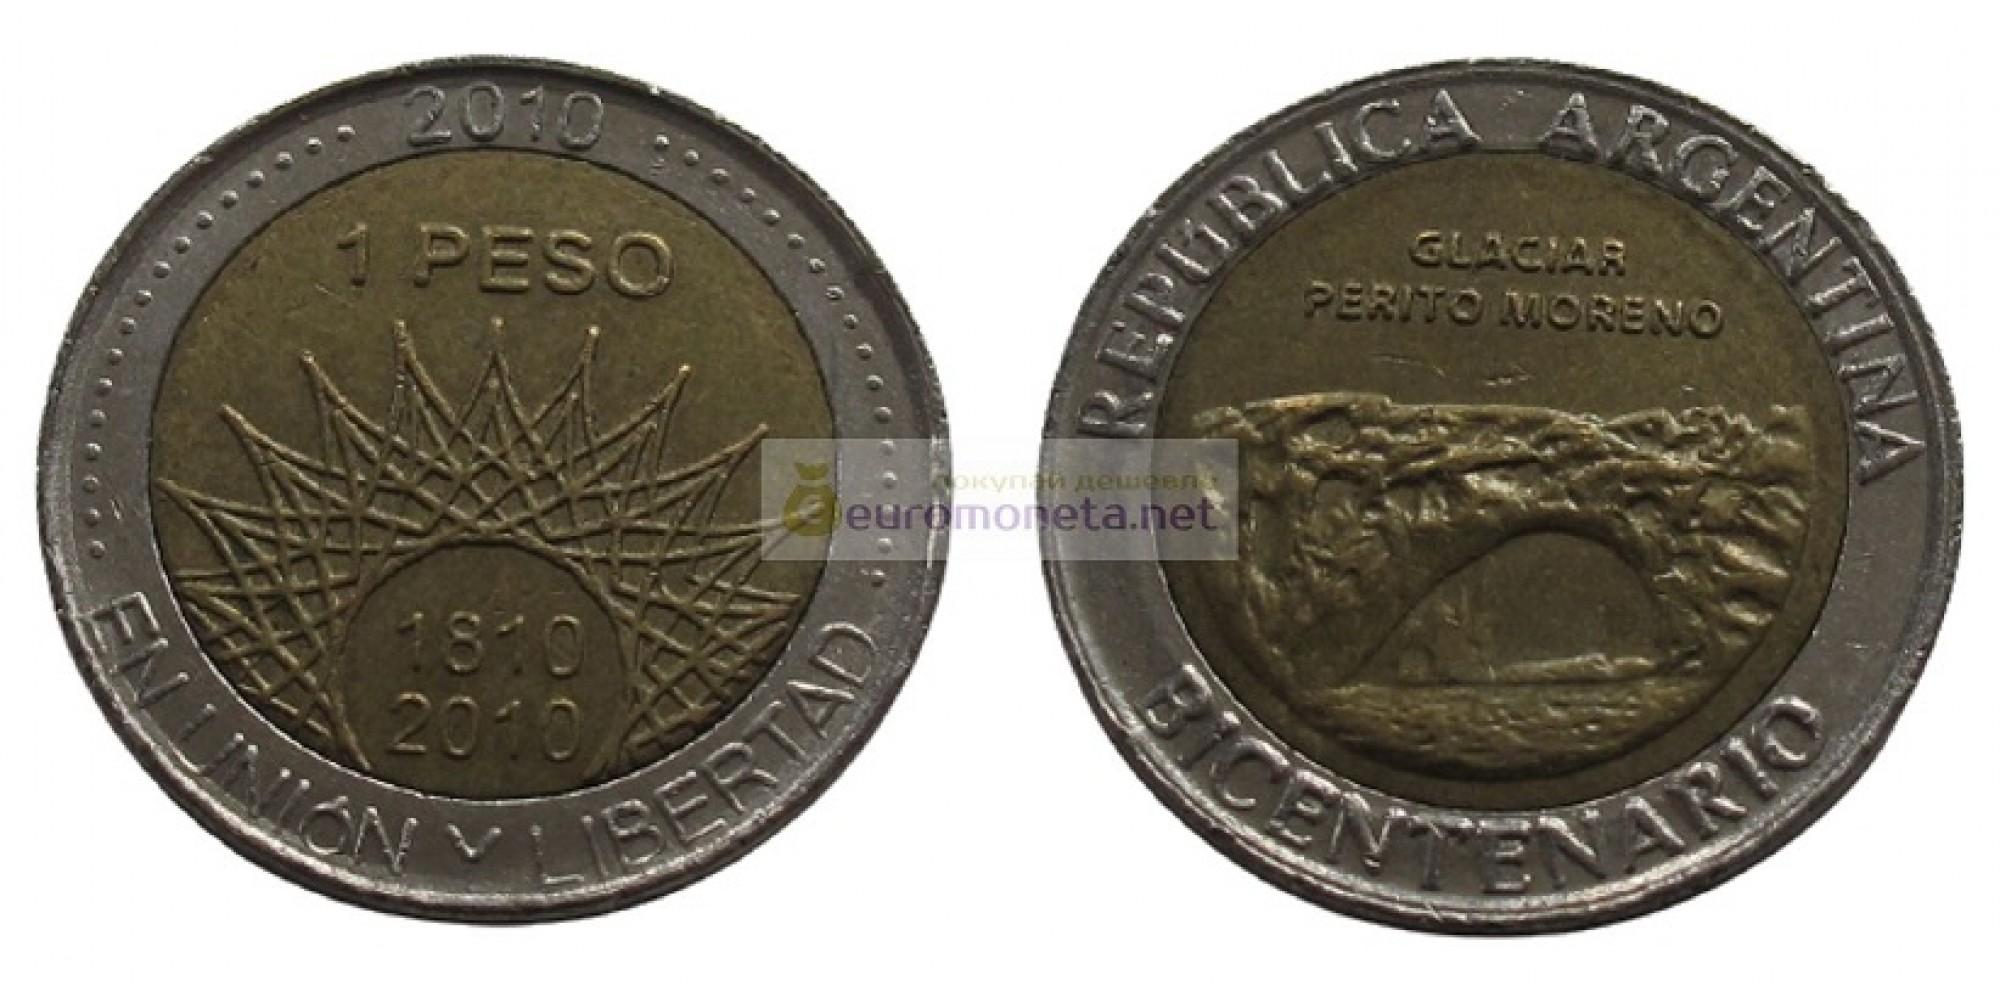 Аргентина 1 песо, 2010 год 200 лет Аргентине - ледник Перито-Морено. биметалл